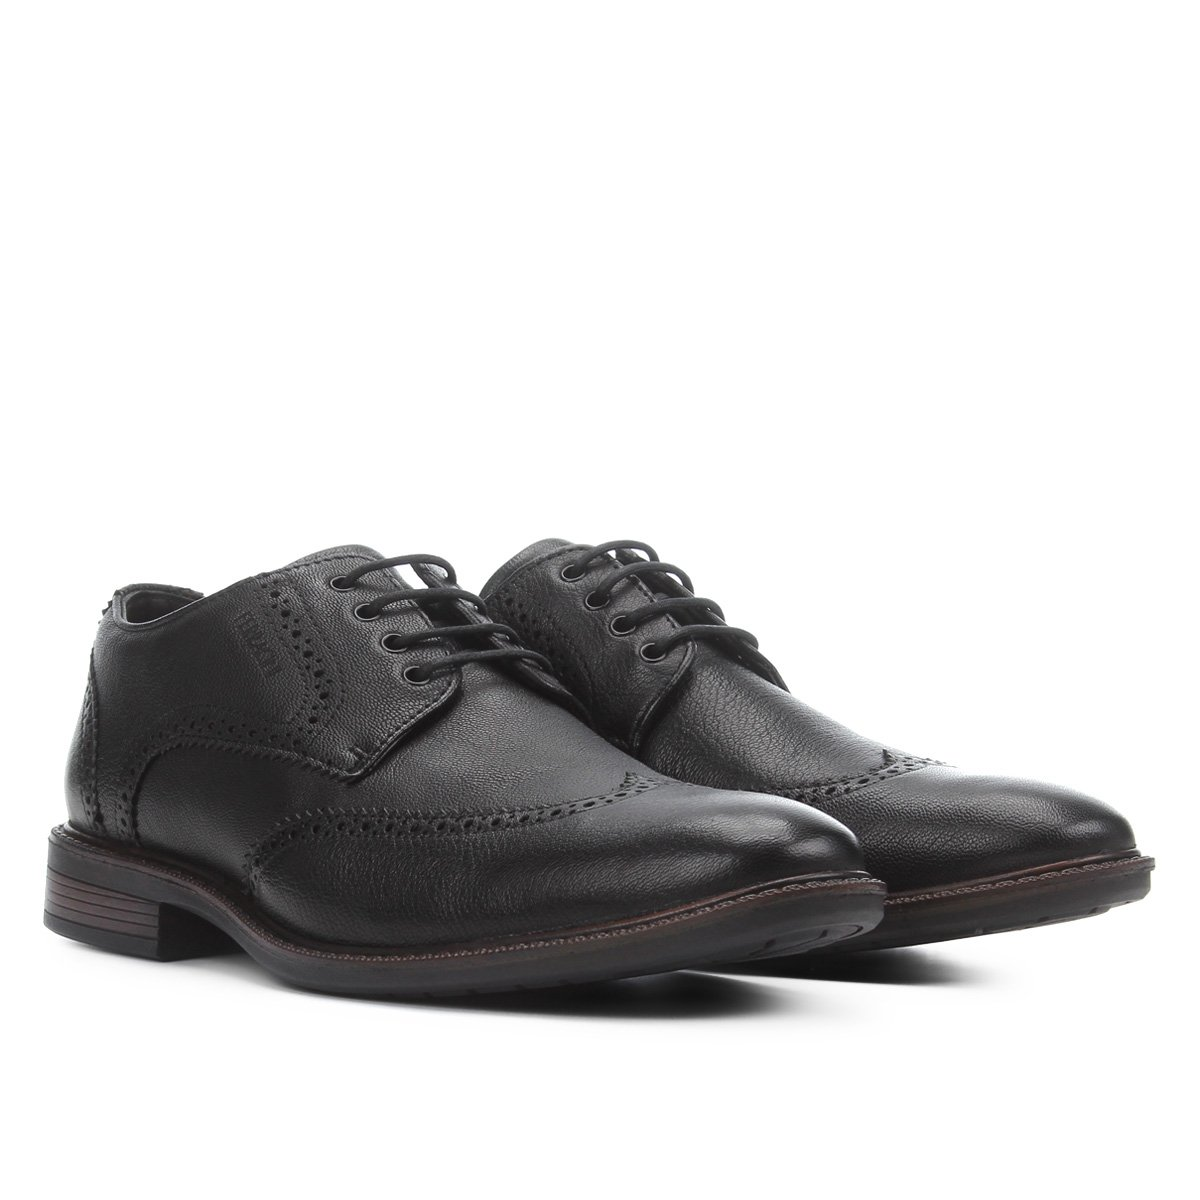 Sapato Casual Couro Ferracini Brogue